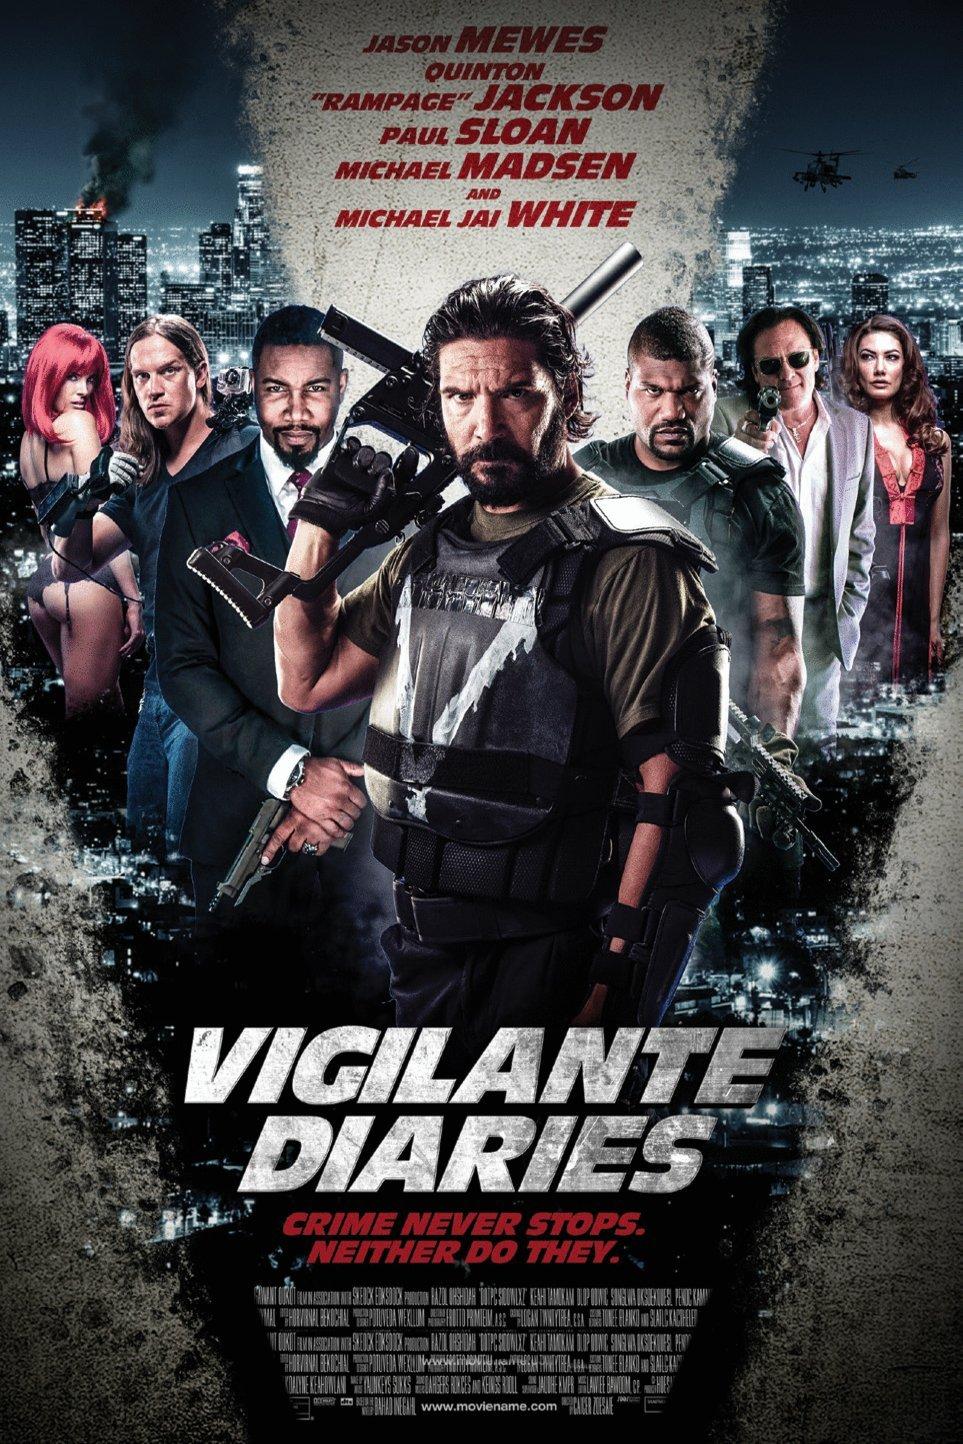 vigilante-diaries-2016-us-poster.jpg